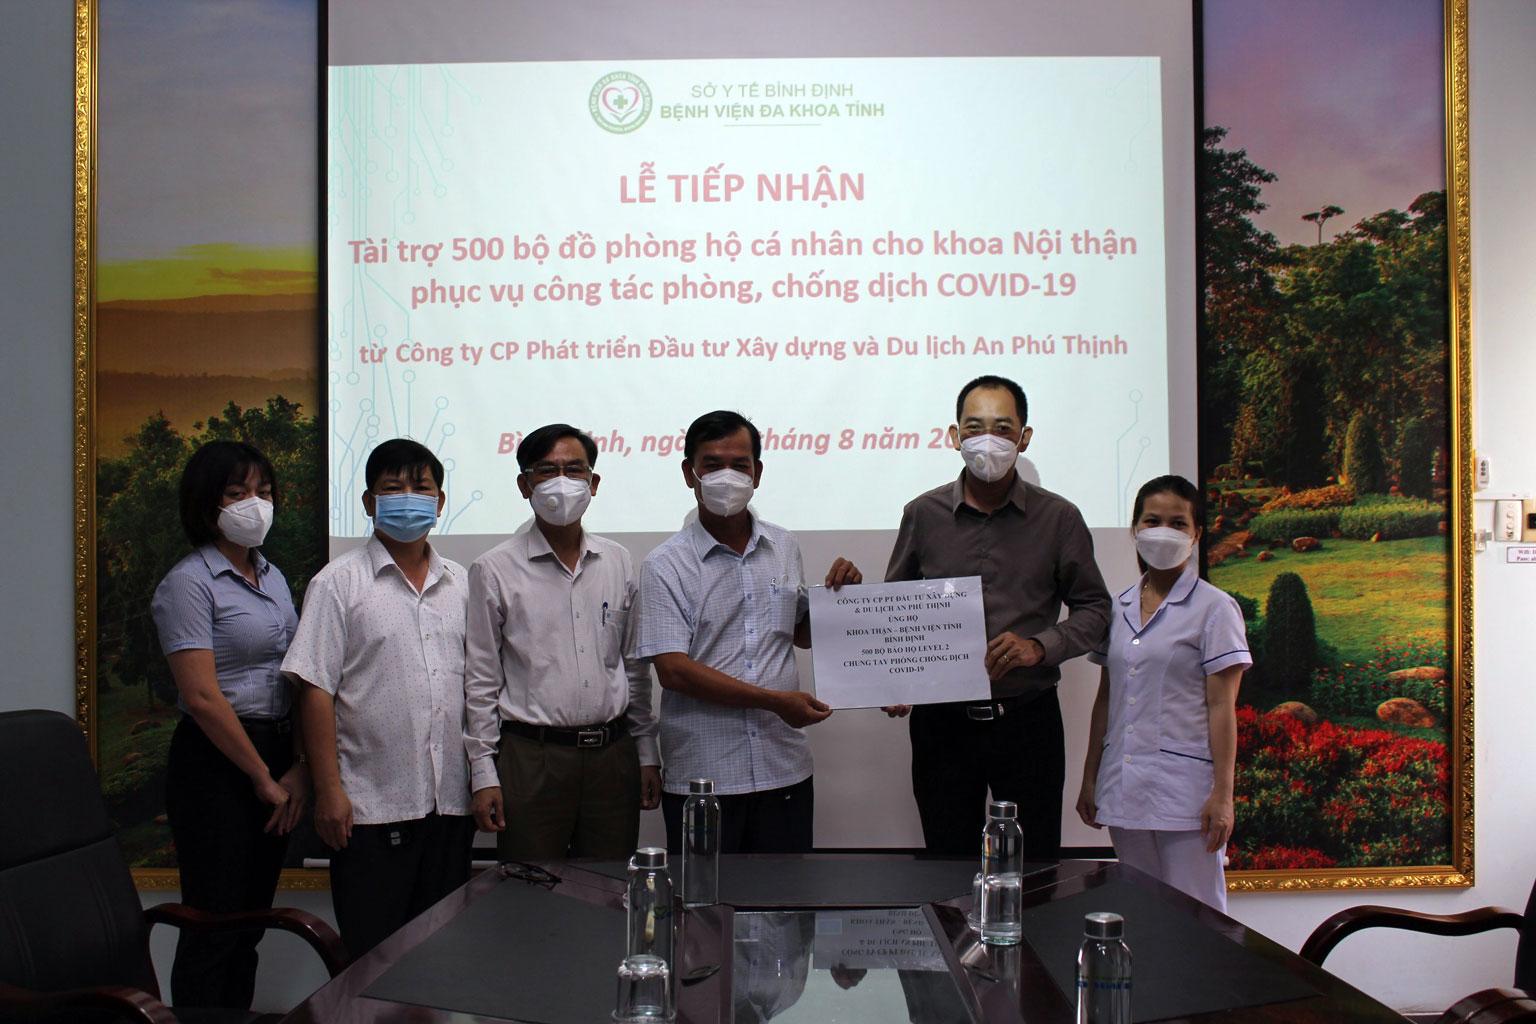 Công ty An Phú Thịnh hỗ trợ khoa Nội thận, Bệnh viện đa khoa tỉnh Bình Định 500 bộ đồ phòng hộ cá nhân phòng, chống dịch Covid-19